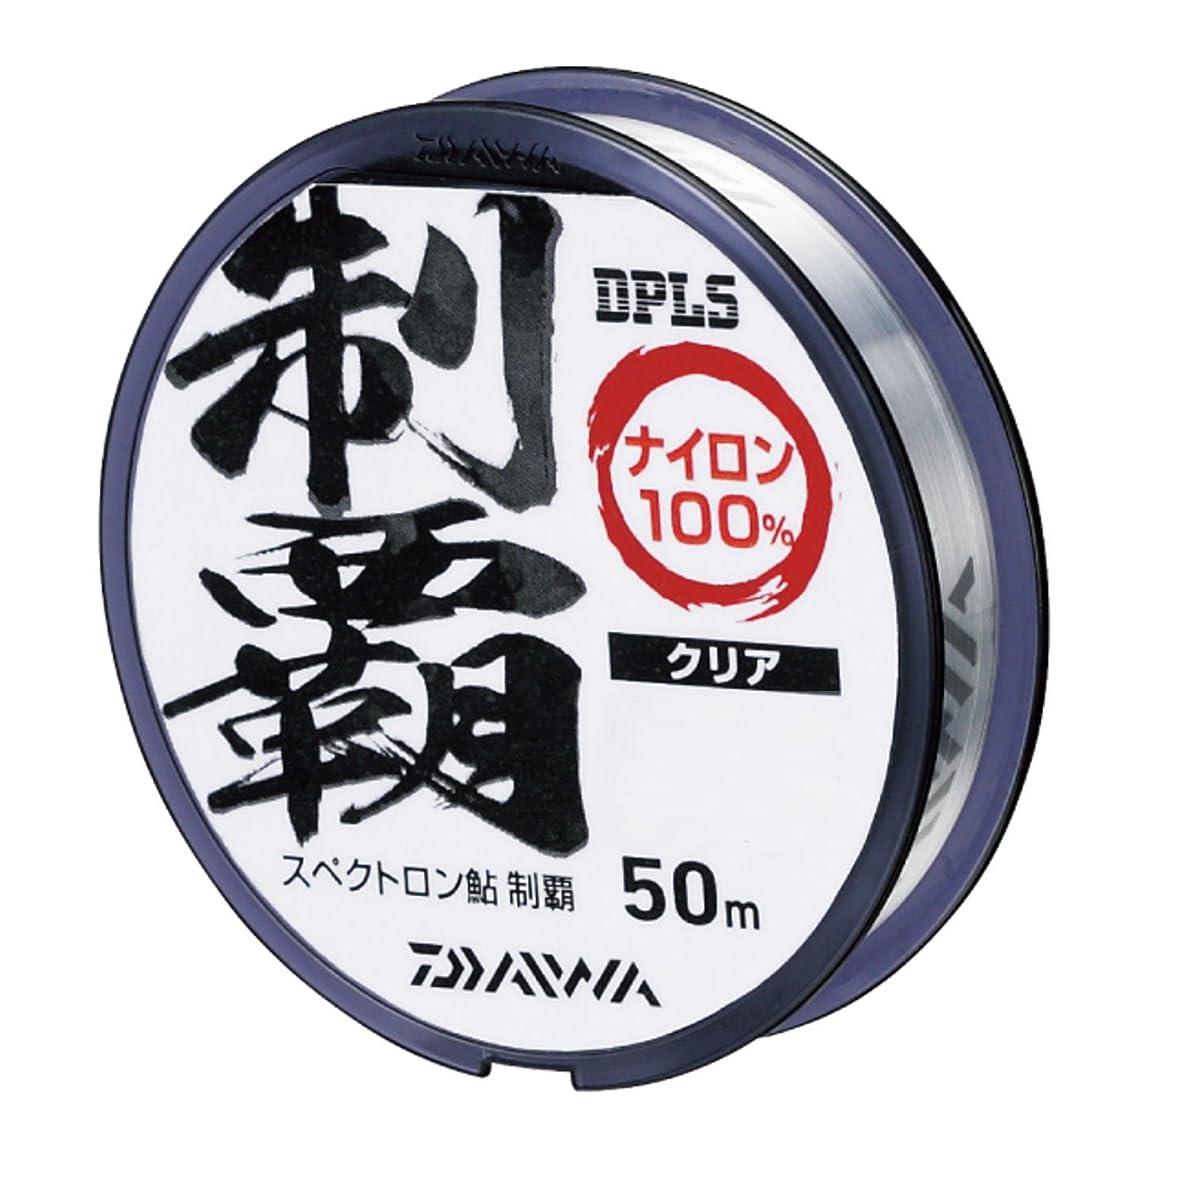 グローバルリー滝ダイワ(Daiwa) ナイロンライン スペクトロン鮎 制覇 50m 0.4号 クリアー